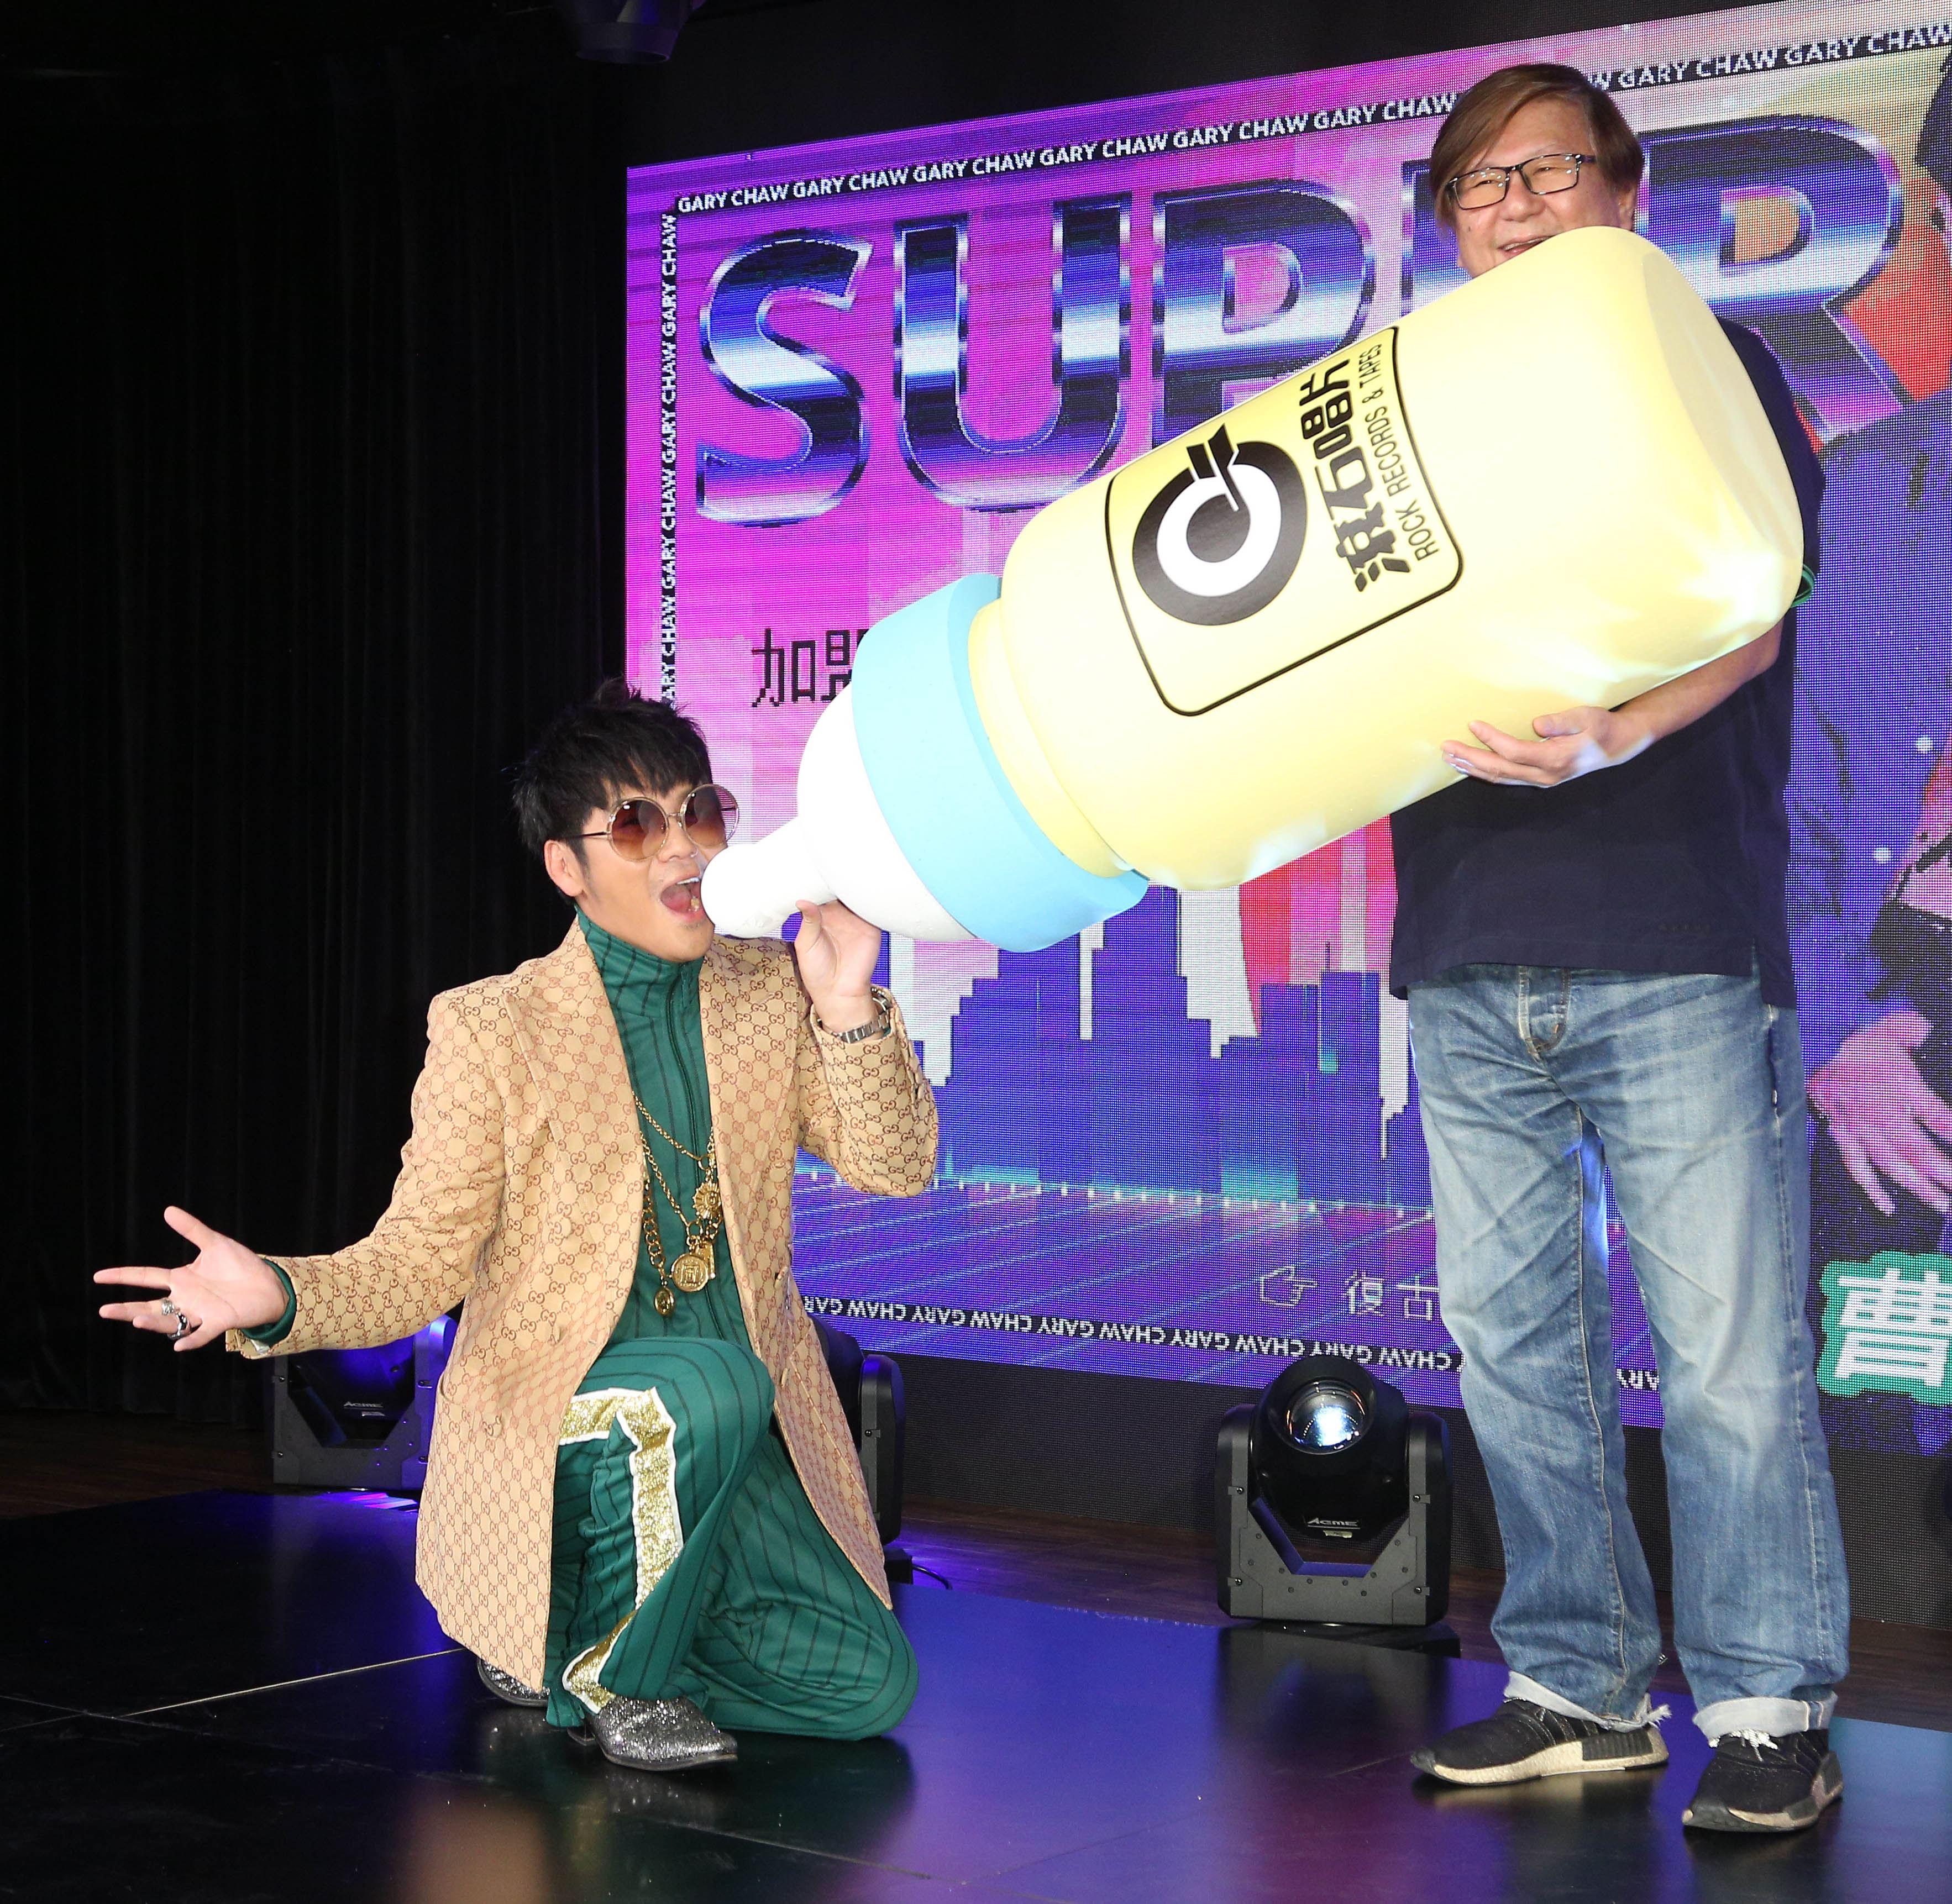 曹格以全新身分「曹小格」推出全新創作專輯「曹小格Super Junior」,滾石段鍾潭總經理現身力挺。(記者林士傑/攝影)